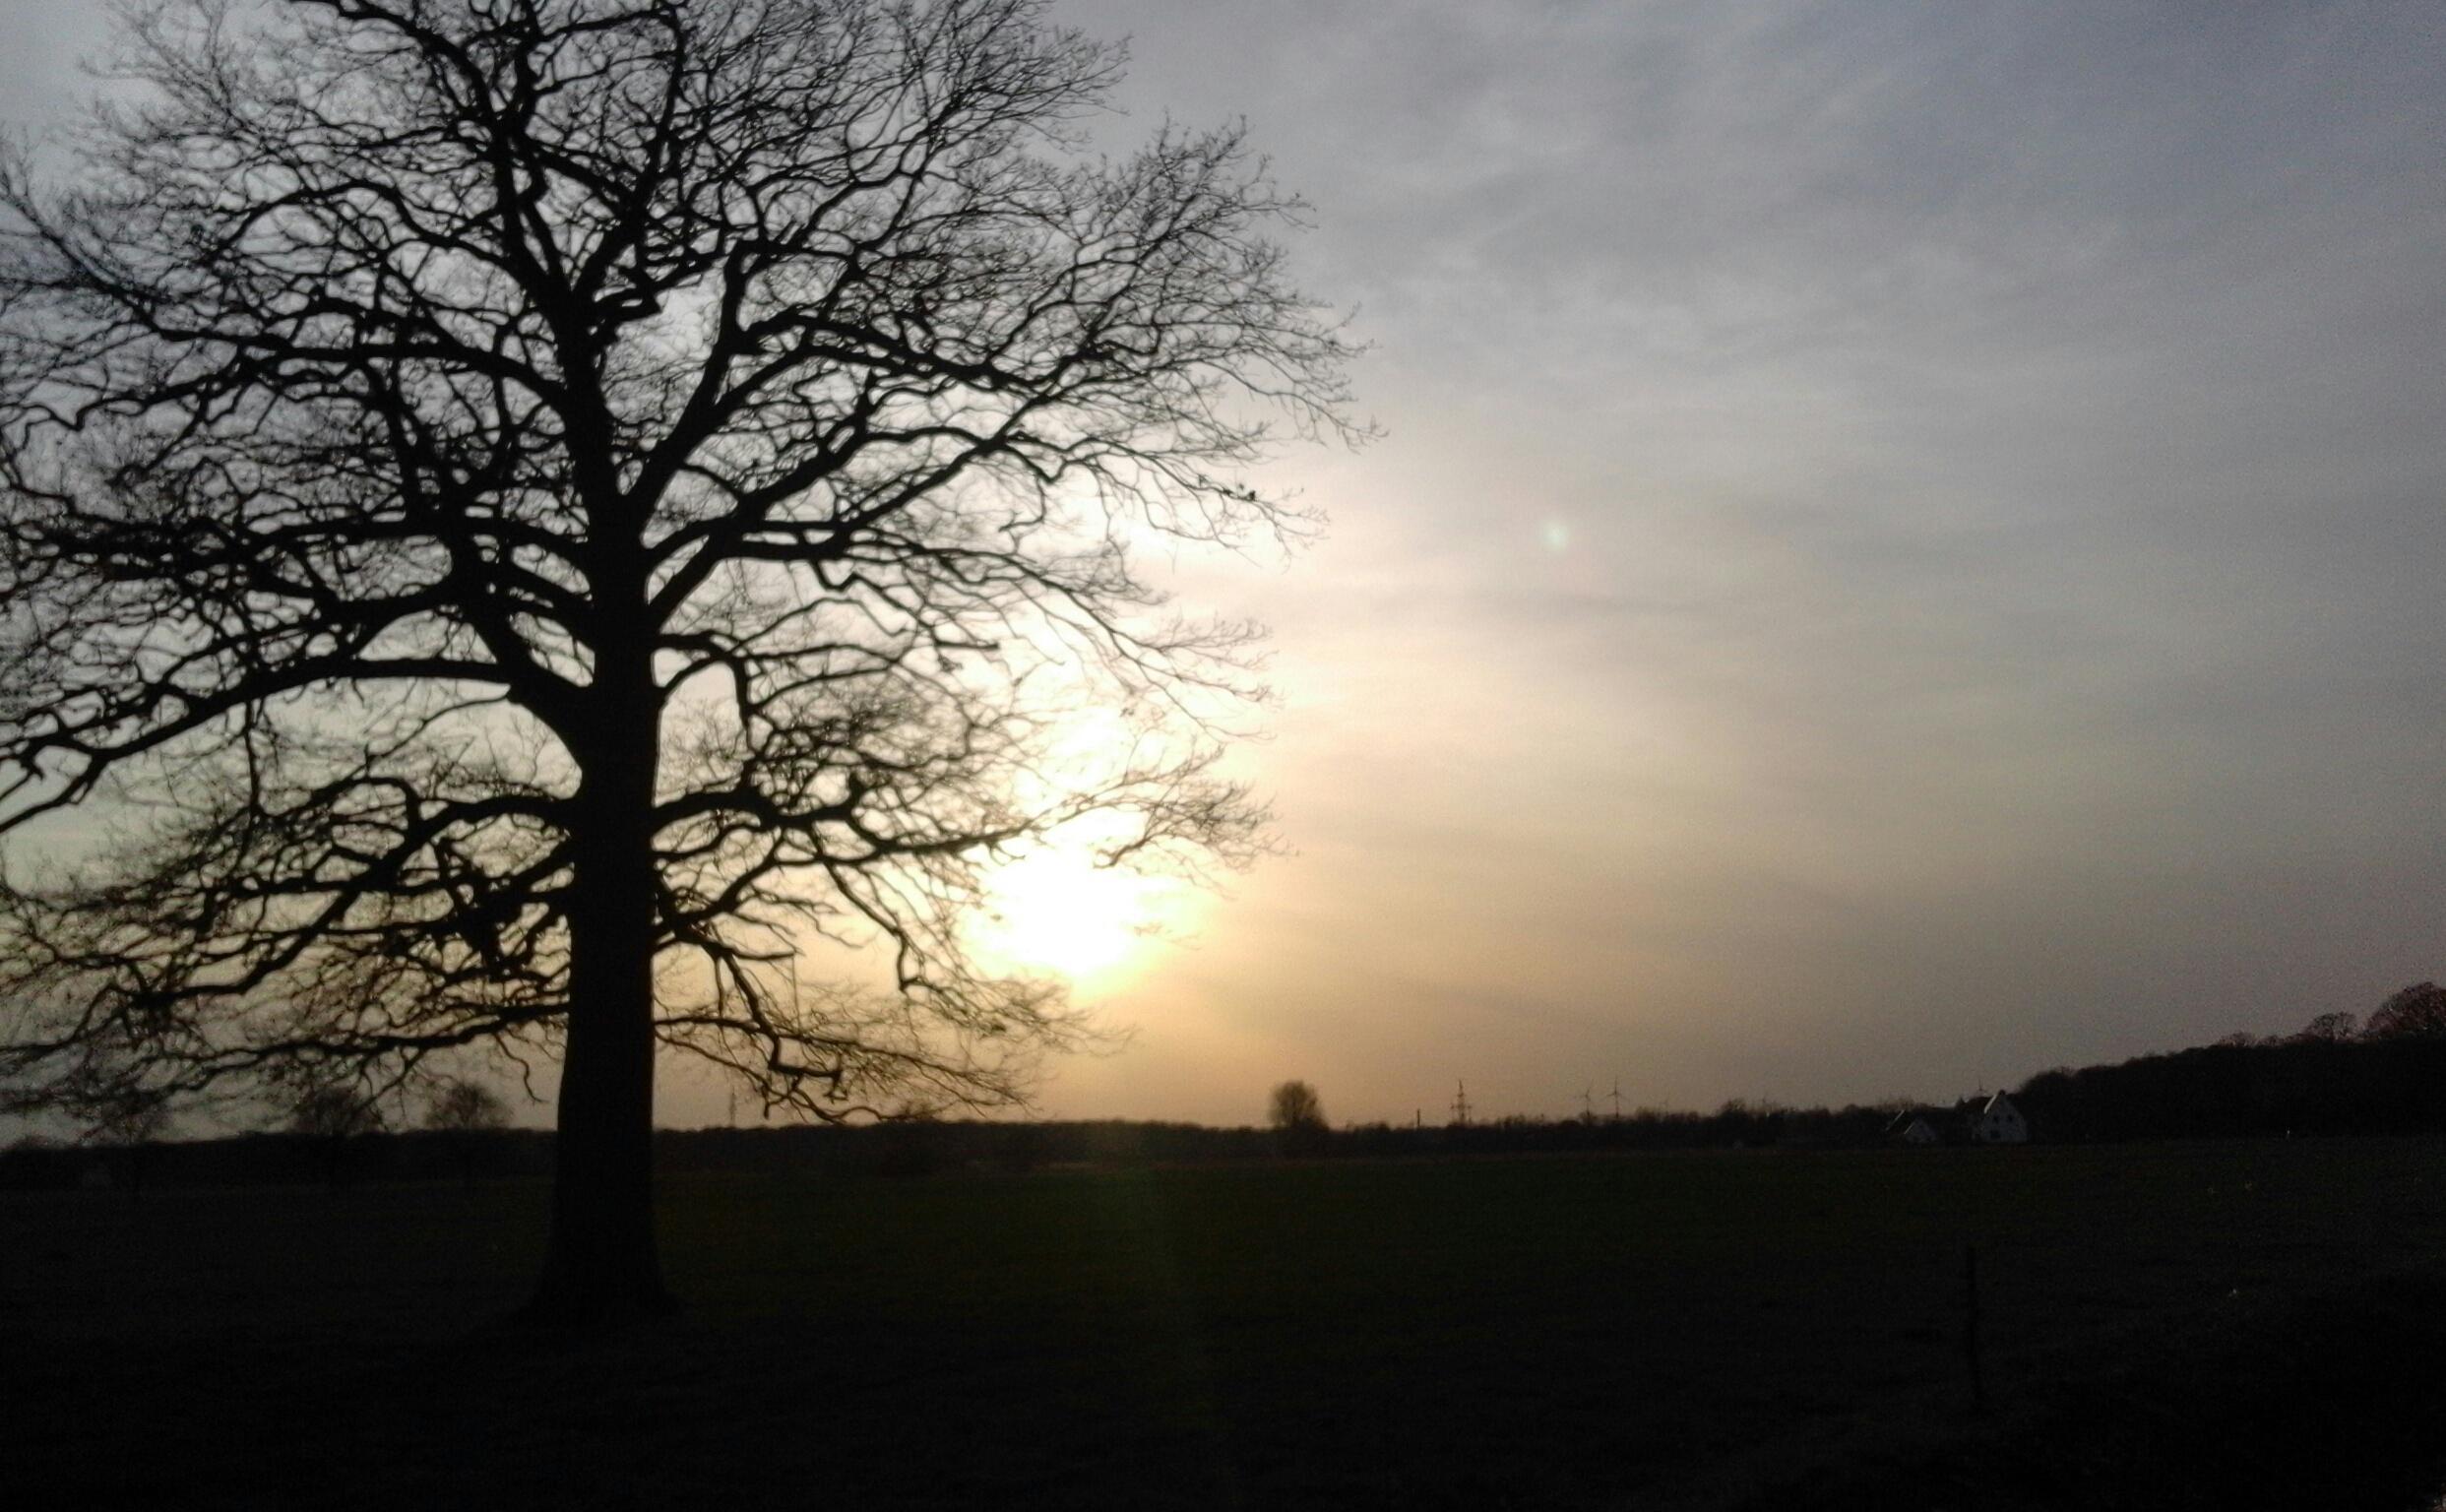 Unbearbeitet: Sonnenuntergang auf einem Feld bei Wiedenbrück.